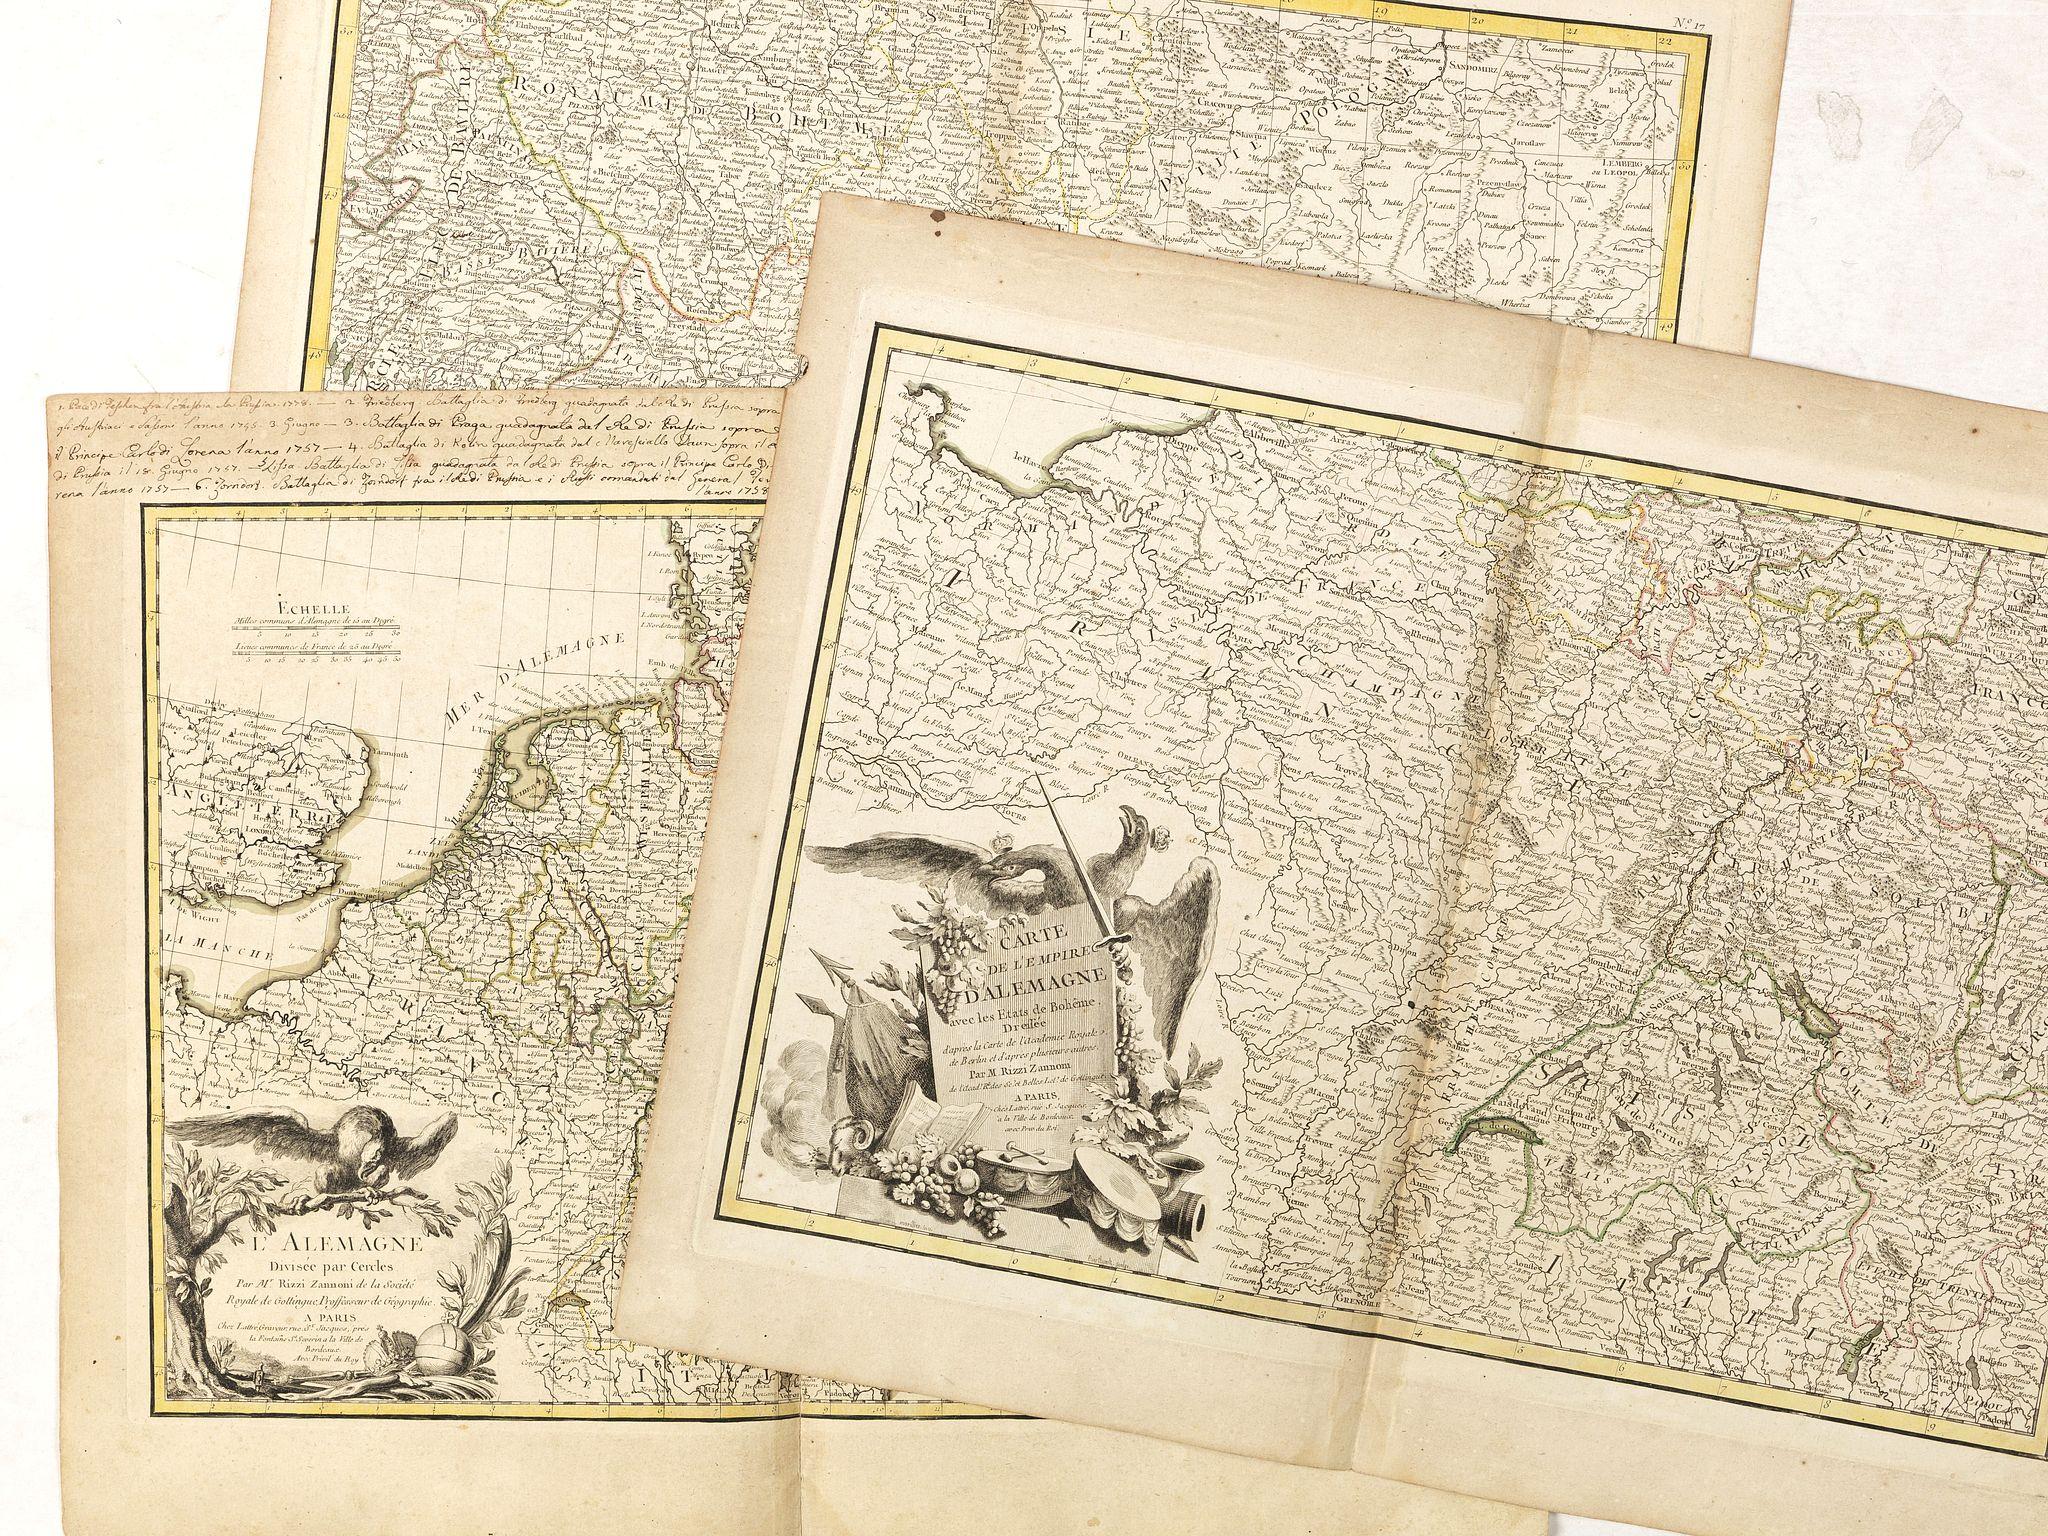 RIZZI ZANONI, G.A.B. - [Set of 3 maps] L'Allemagne divisée par cercles . . . / Carte de l'Empire d'Allemagne . . . / No title map.